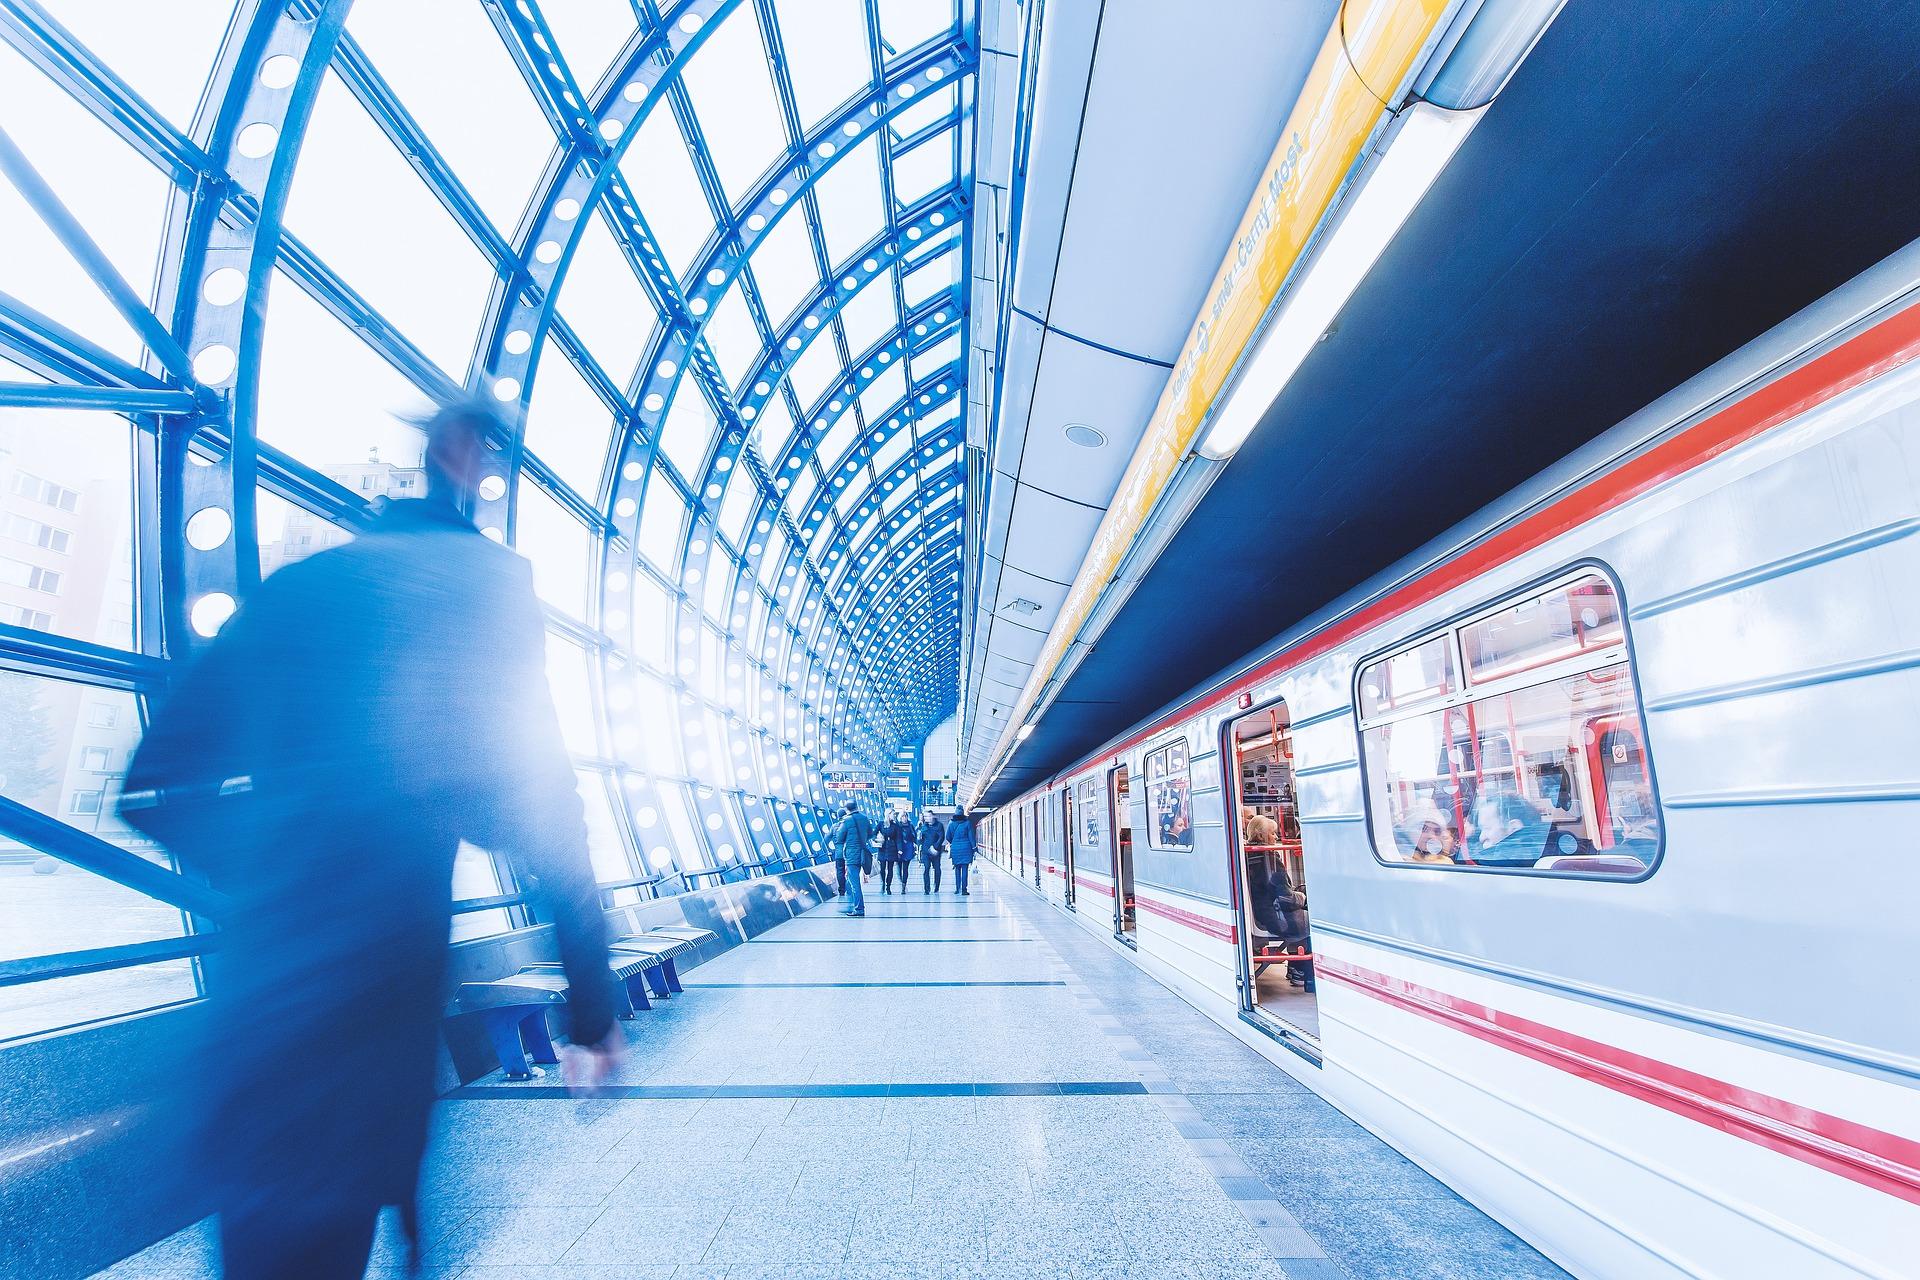 Stehender Zug mit offenen Türen an Bahngleis